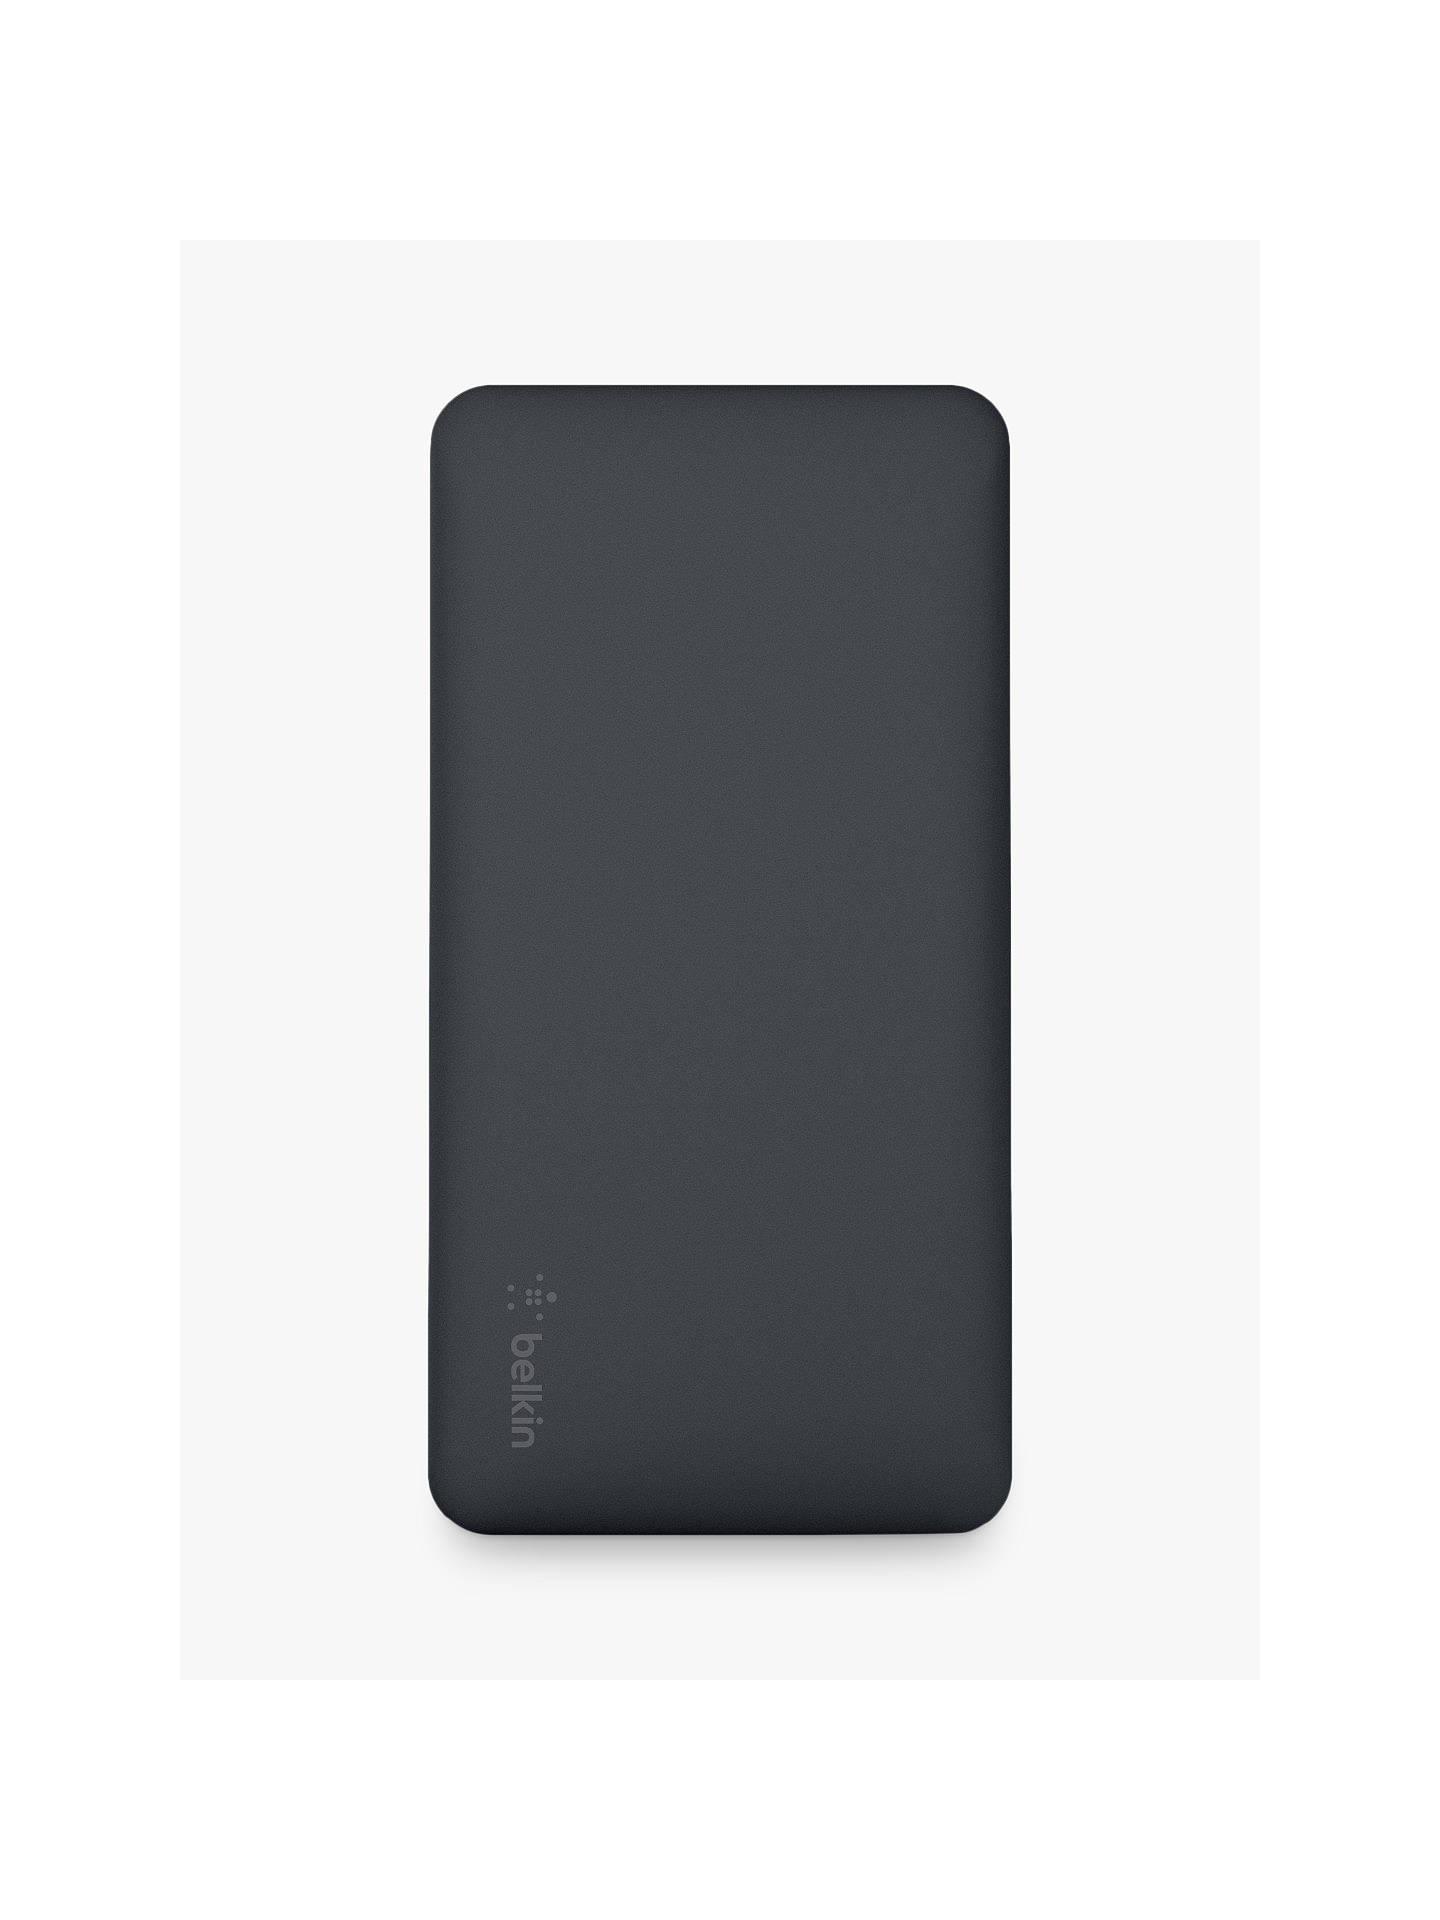 Belkin Pocket Power 15 K Portable Power Bank Charger, Dual Port Usb, Black by Belkin